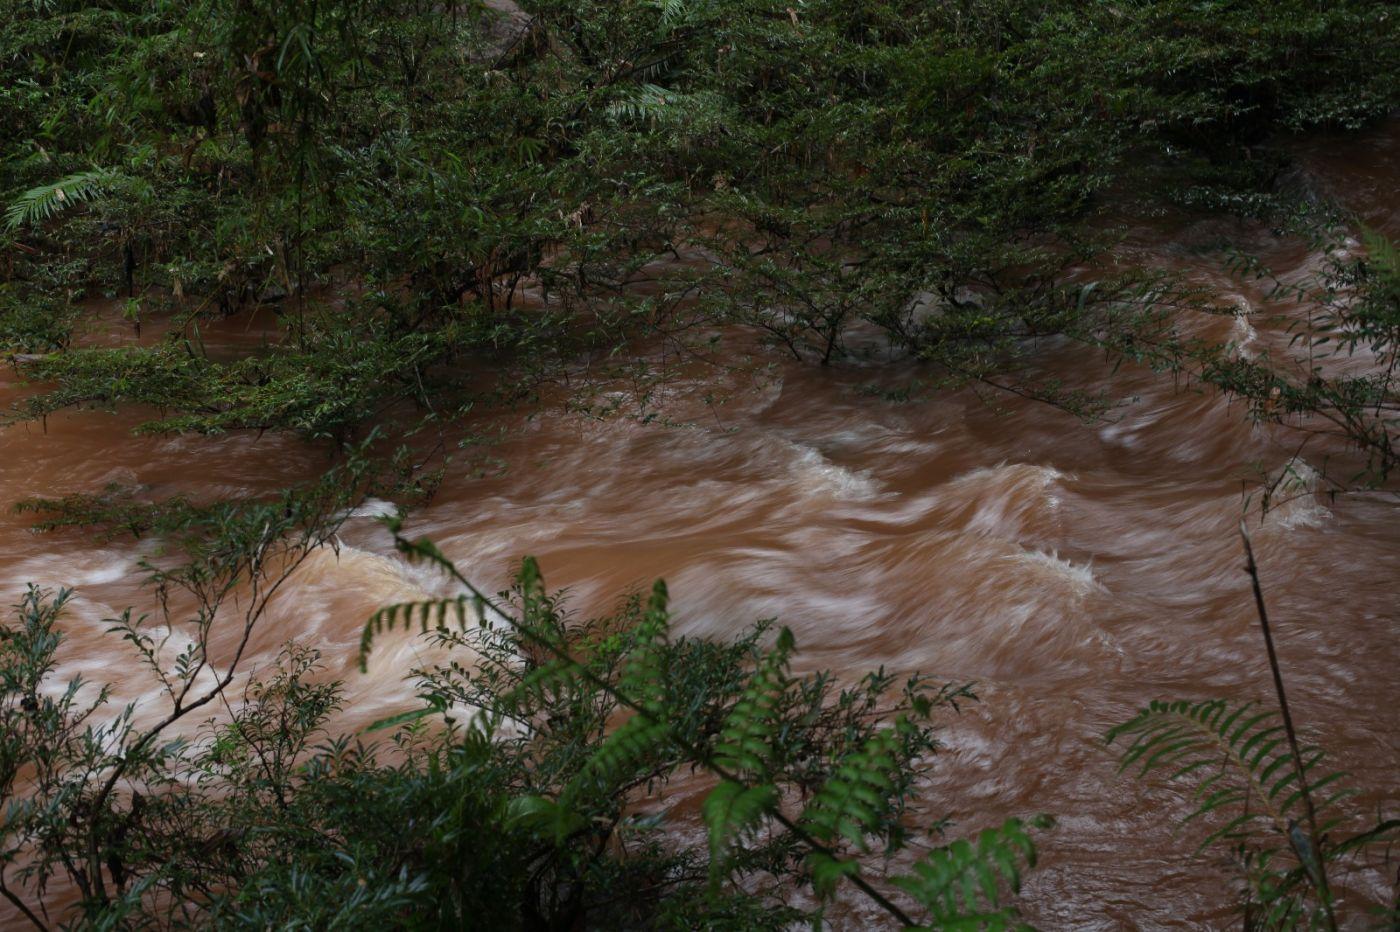 赤水河源头翻滚的波涛血一般红_图1-3